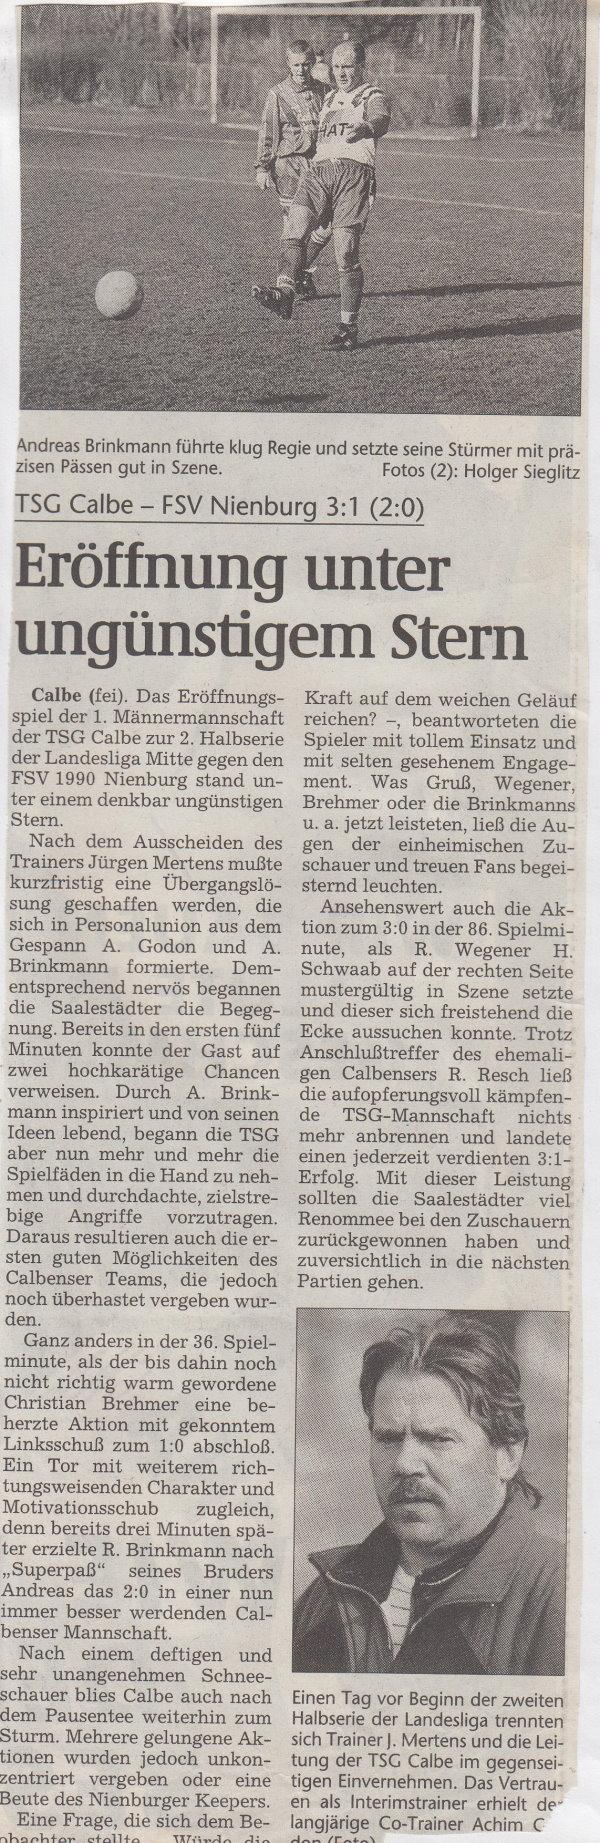 Volksstimme-Bericht vom 16. Spieltag der Landesligasaison 1997/1998.